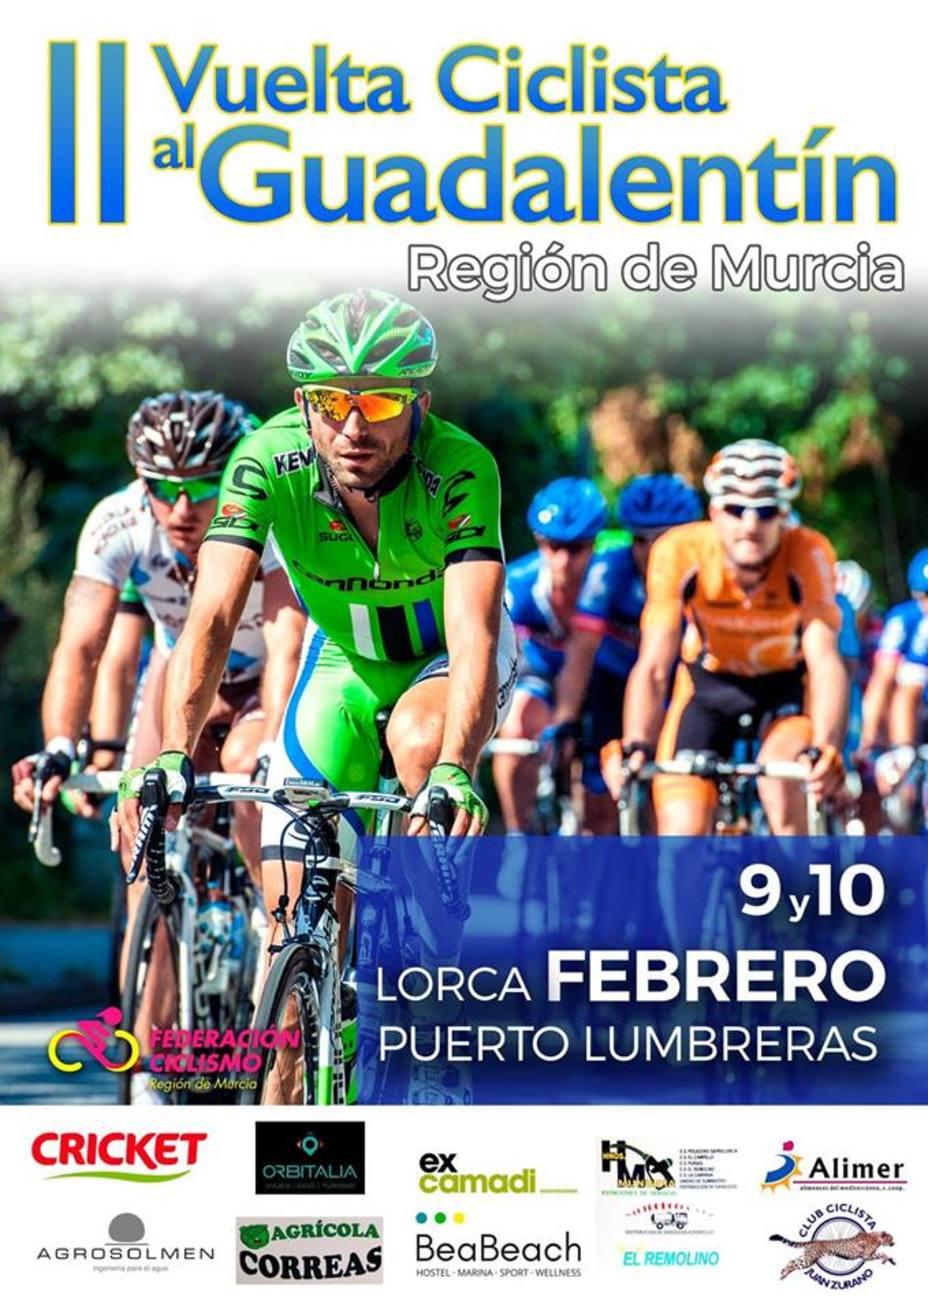 La Vuelta Ciclista Internacional al Valle del Guadalentín arranca hoy con 18 equipos.